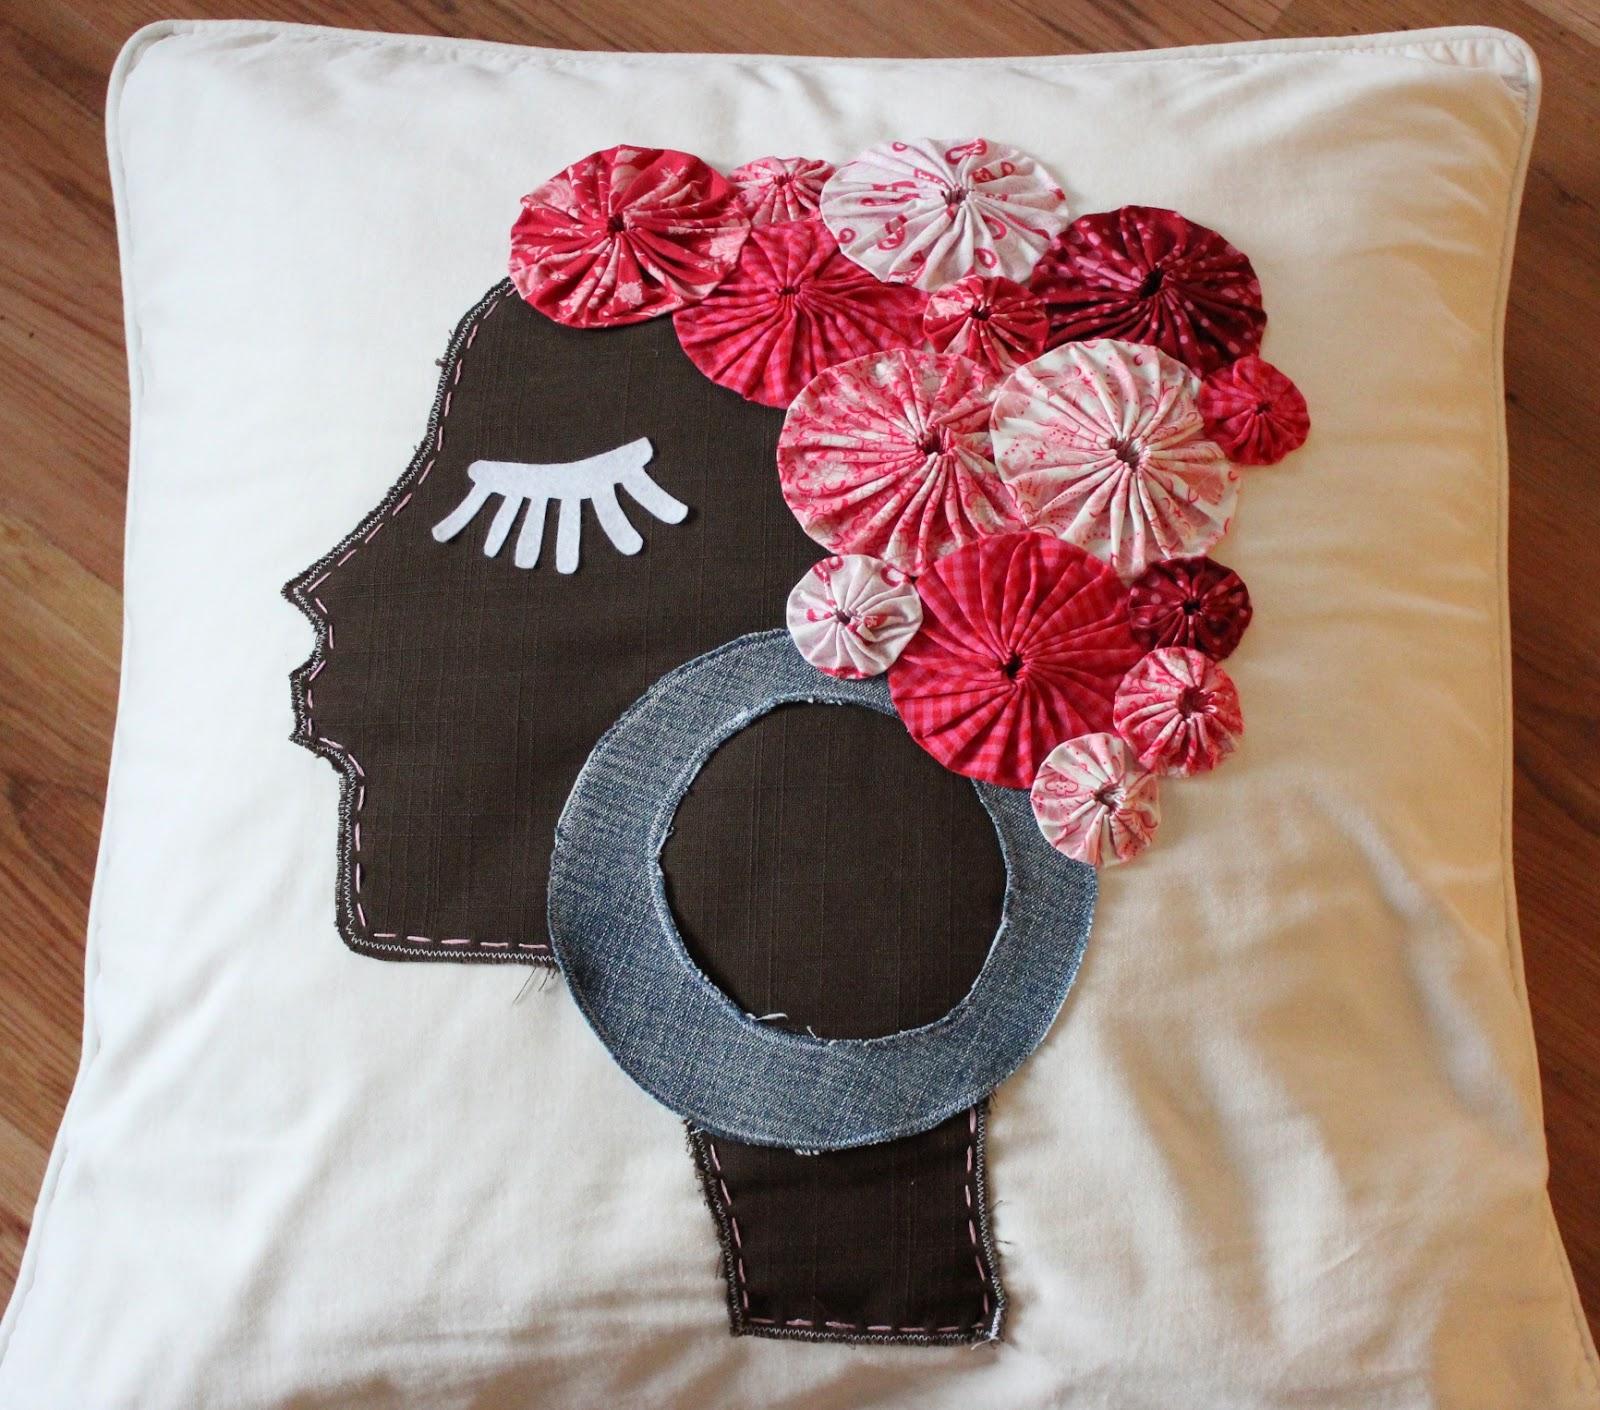 der rabe im schlamm das kissen mit der frau. Black Bedroom Furniture Sets. Home Design Ideas